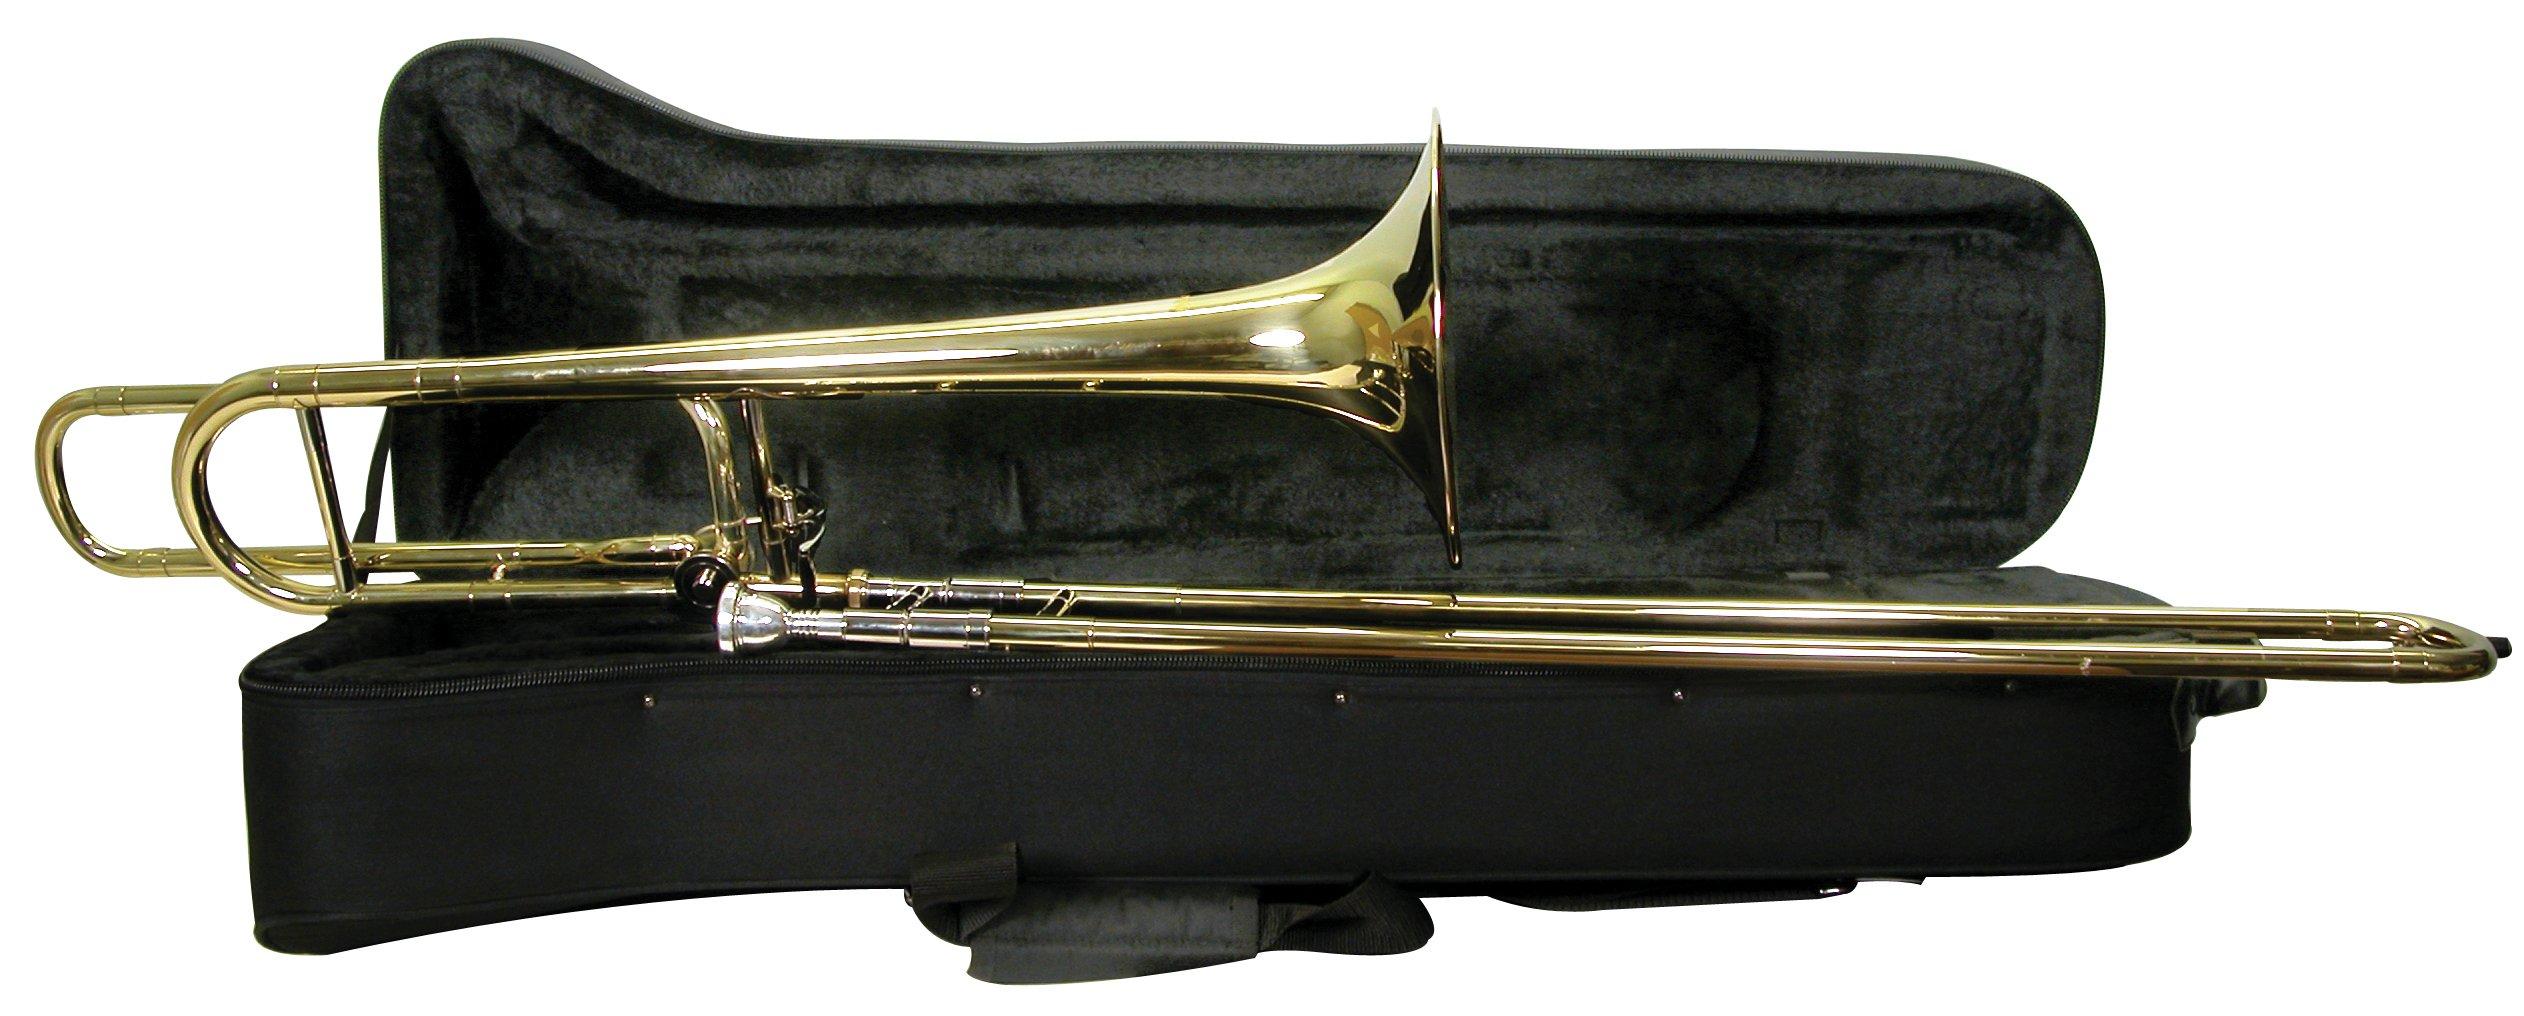 Mirage TT61 Deluxe Bb Slide Trombone with Case